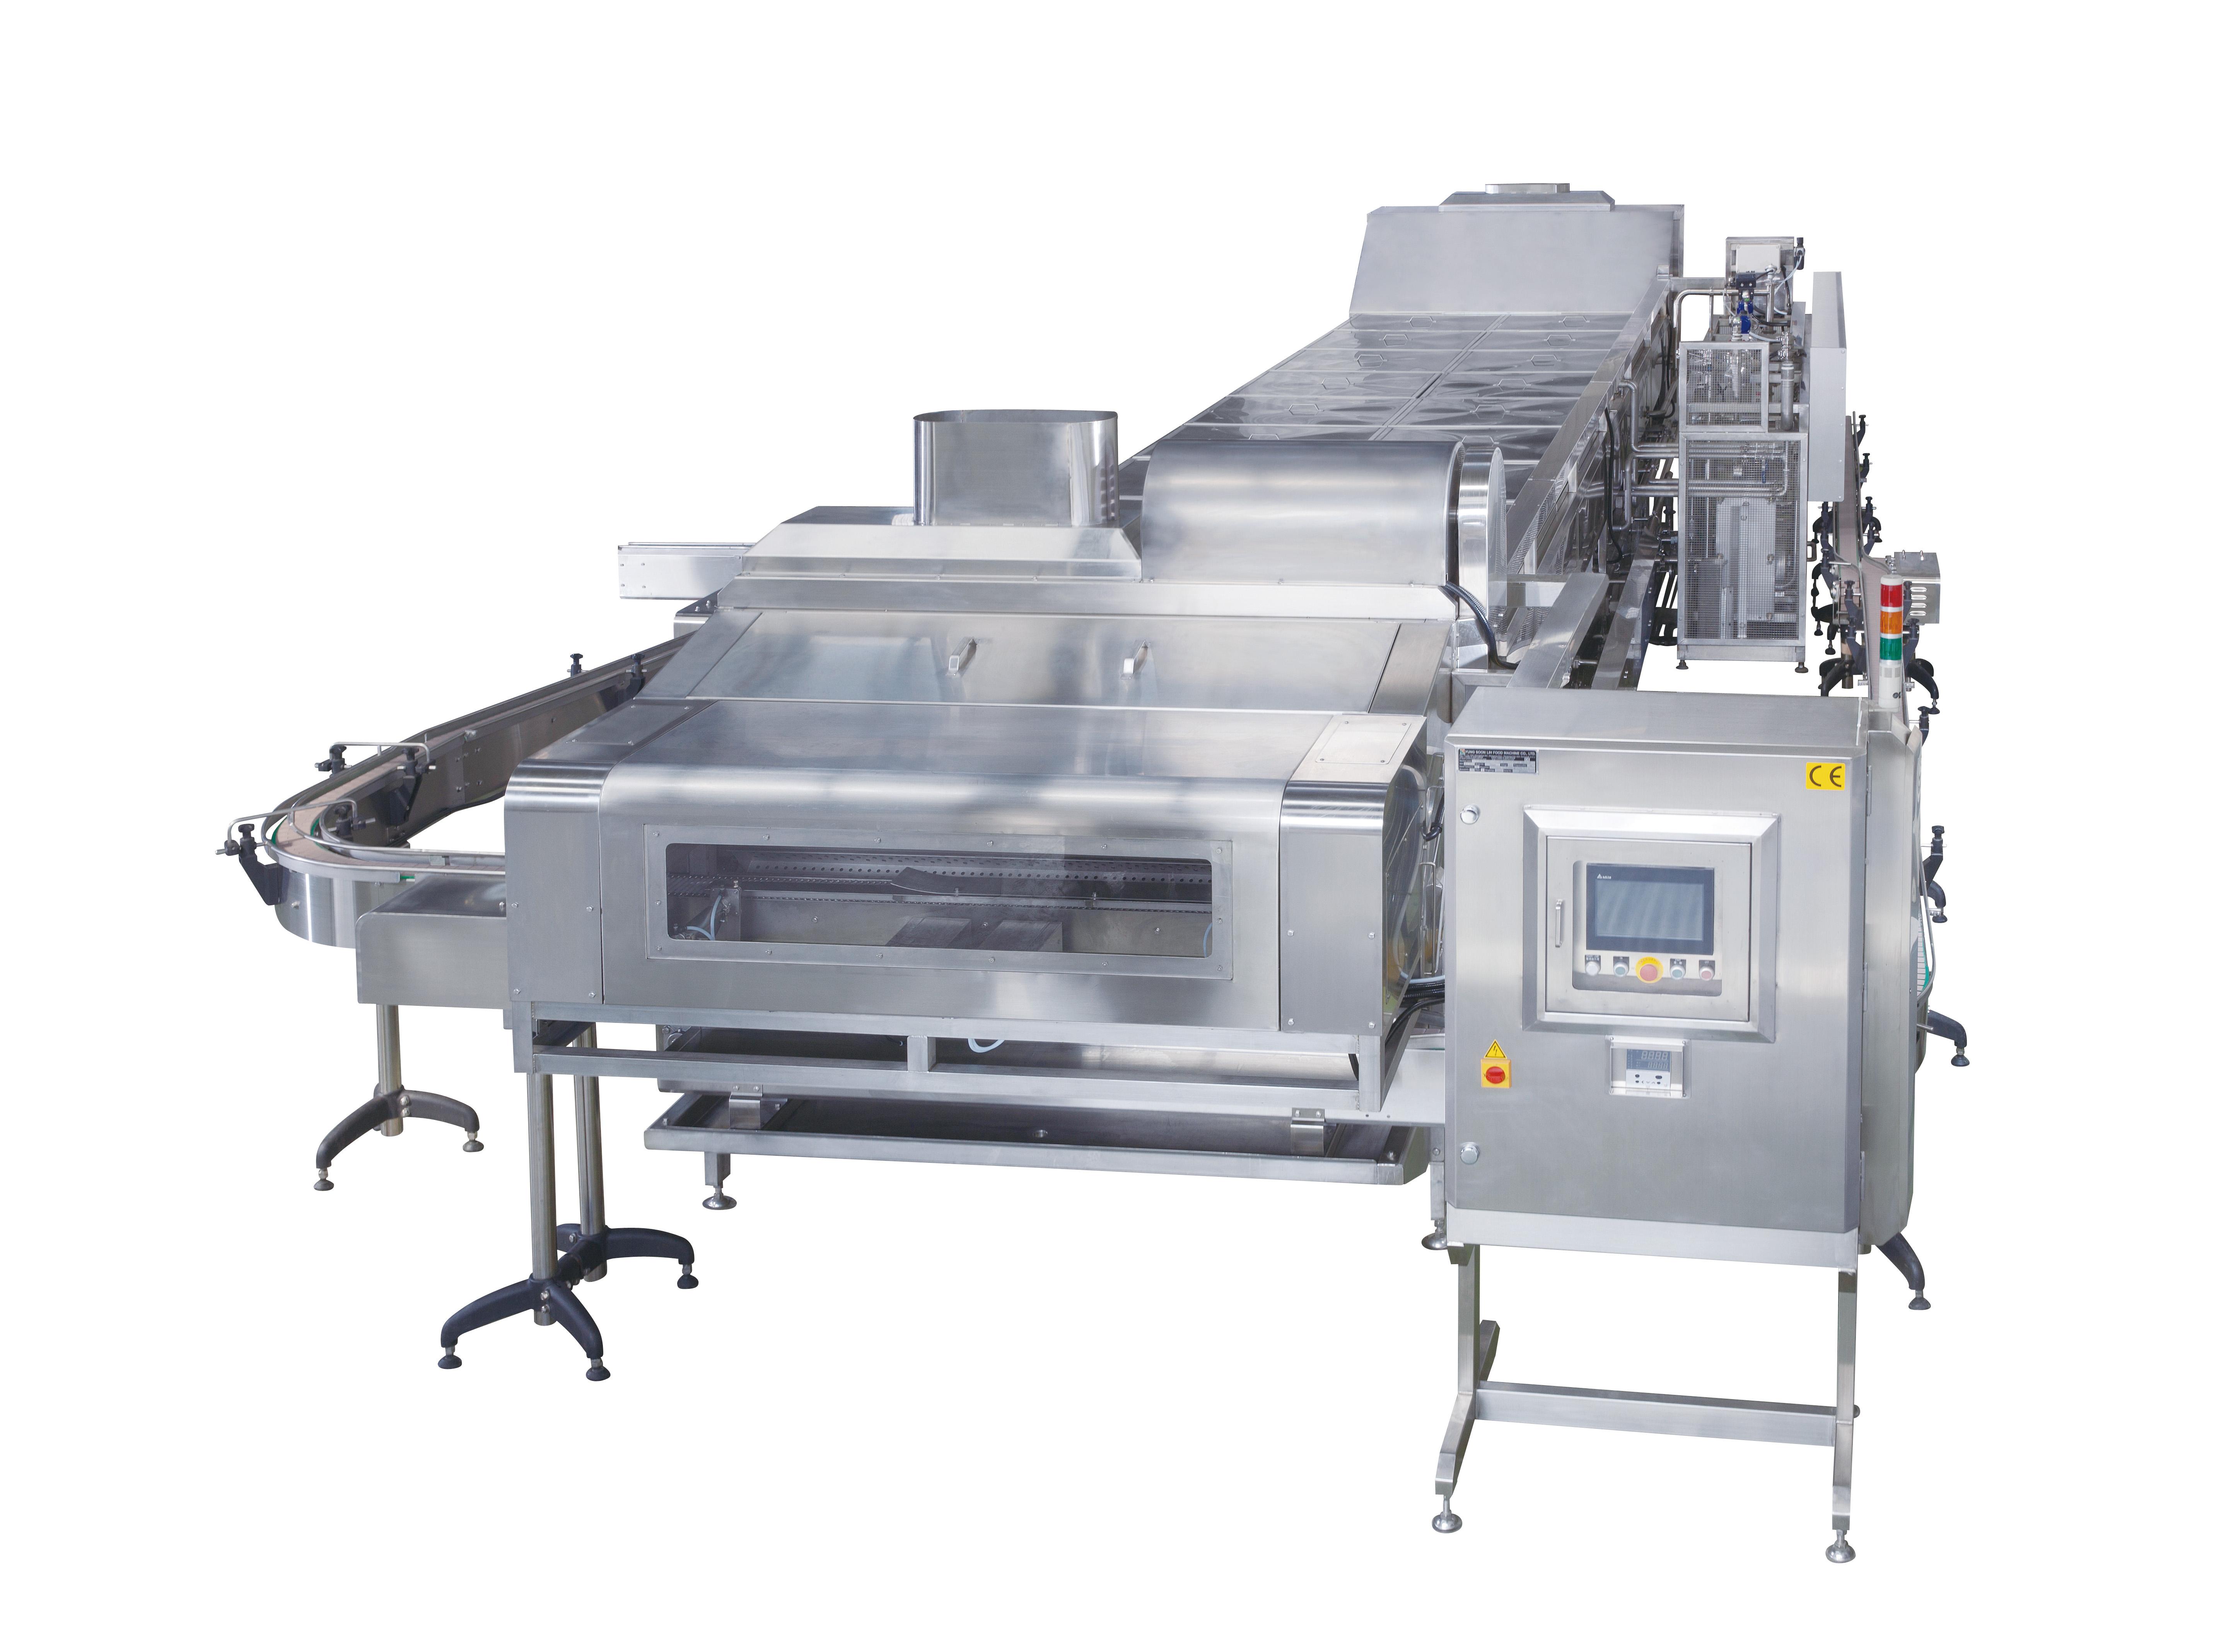 Peralatan Pasteurisasi dan Penyejukan - Mesin Pasteurisasi Suhu Rendah Tiga Peringkat